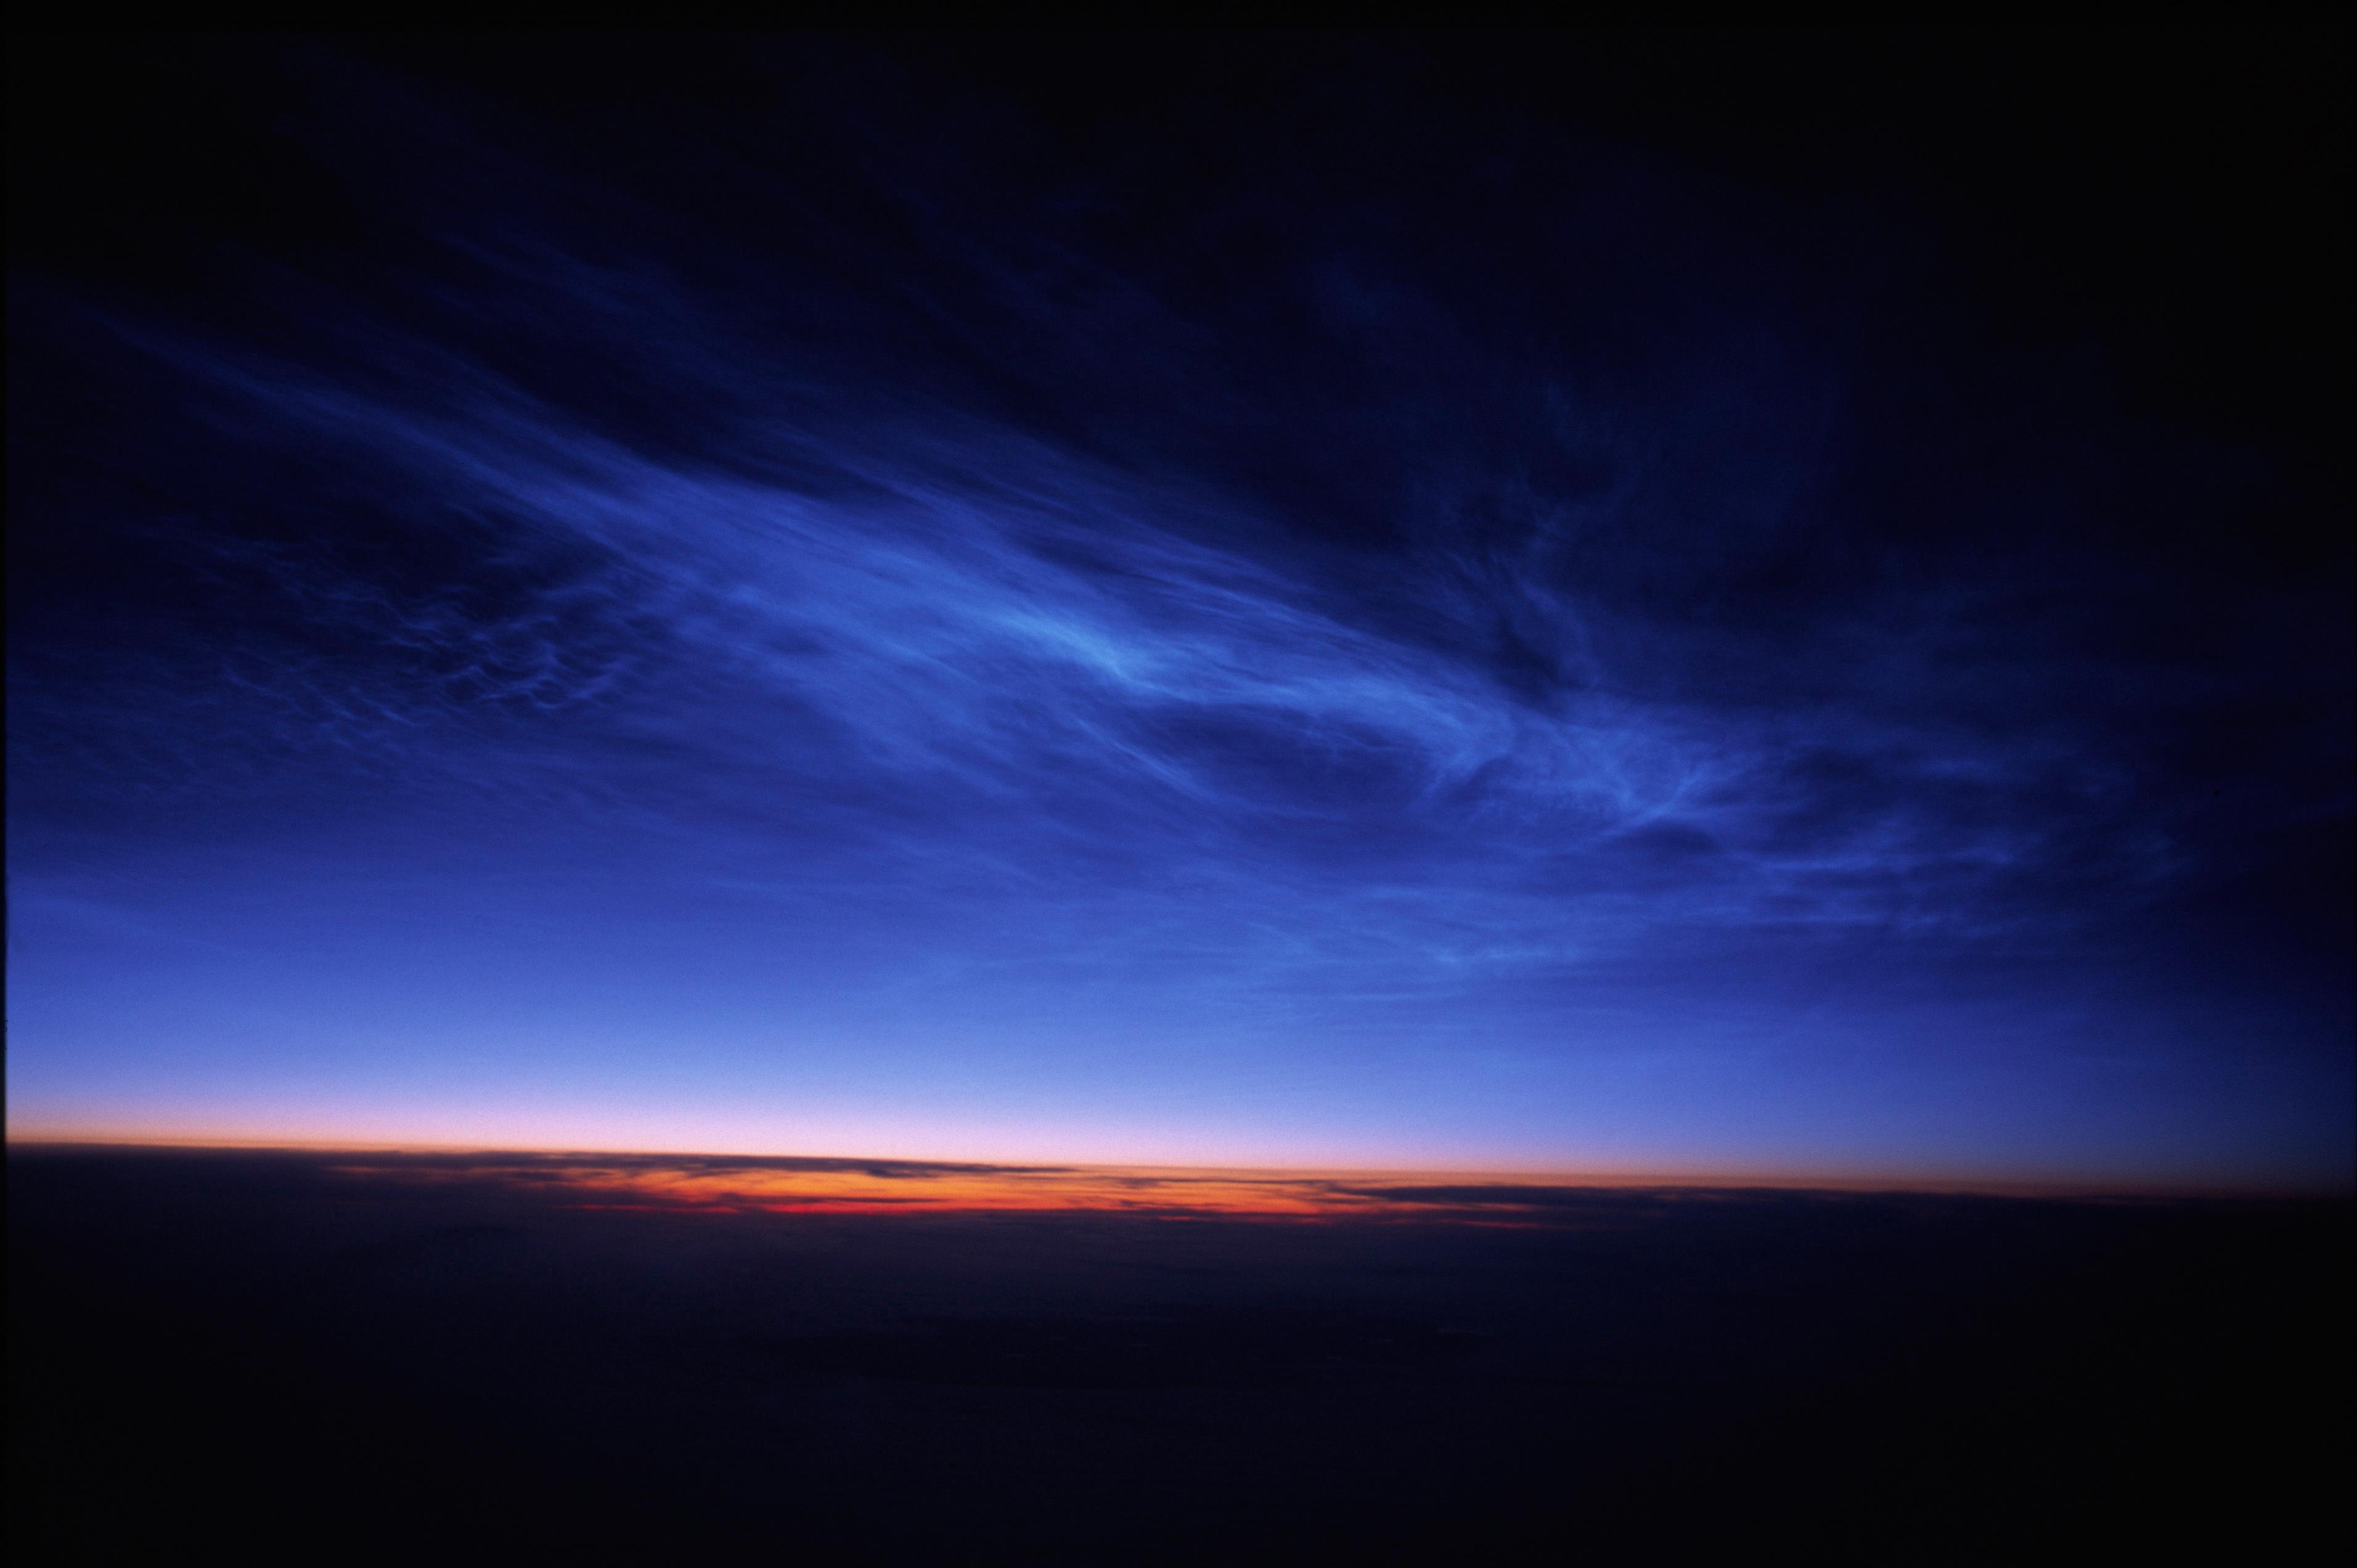 Výsledek obrázku pro noctilucent clouds